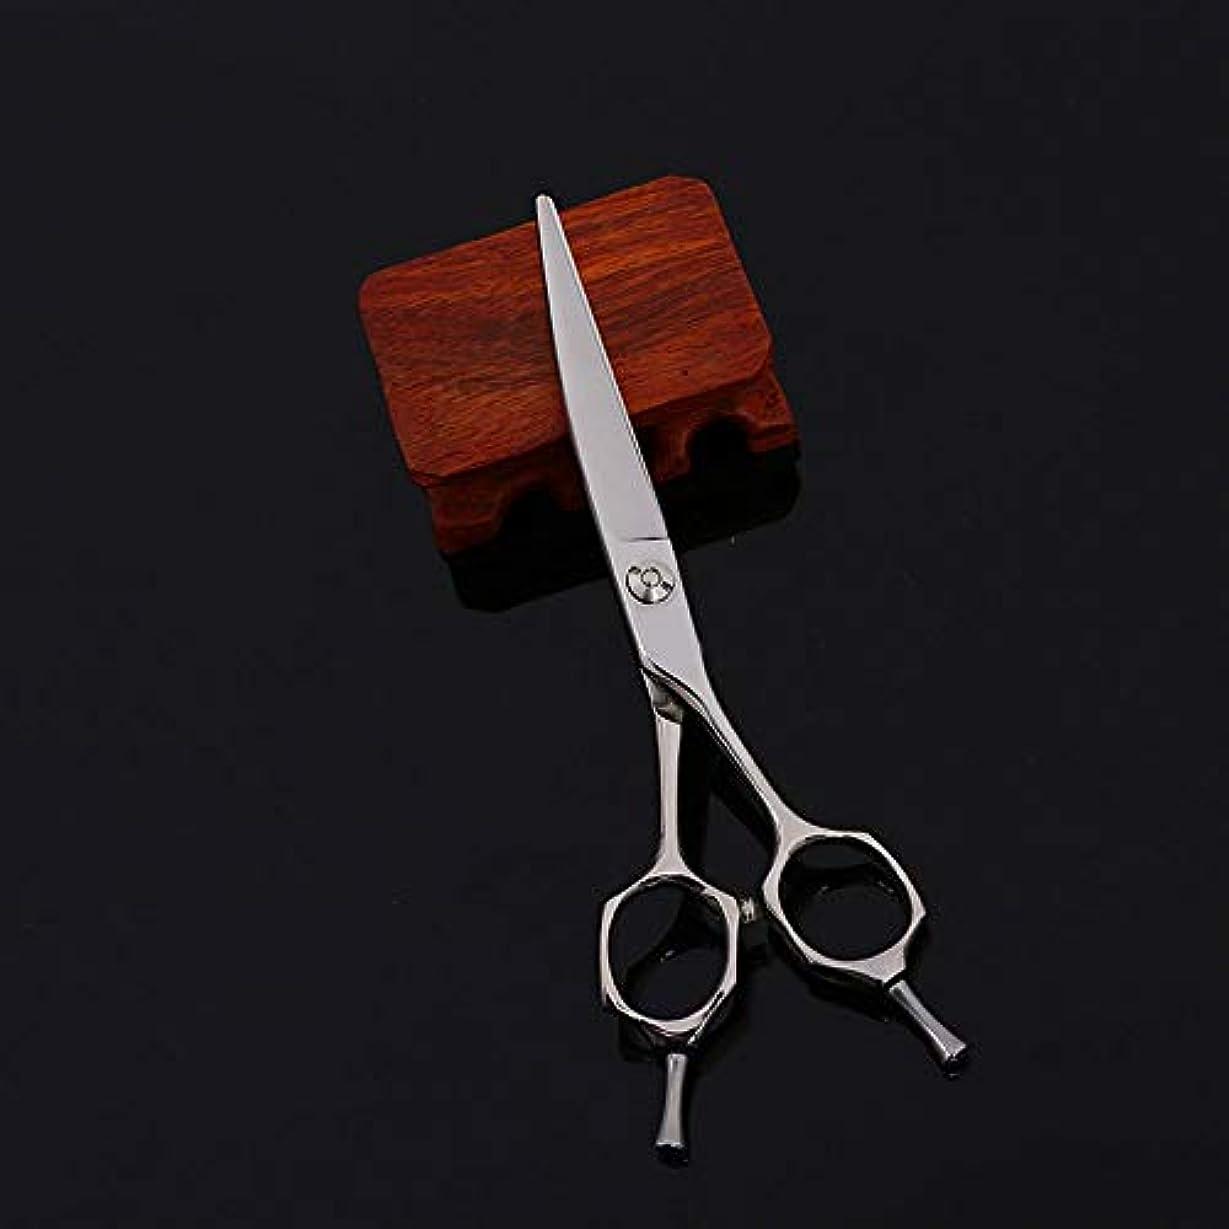 複雑なフェードパン理髪用はさみ 6インチプロフェッショナルハイエンド理髪はさみツールフラットせん断ヘアカットシザーステンレス理髪はさみ (色 : Silver)